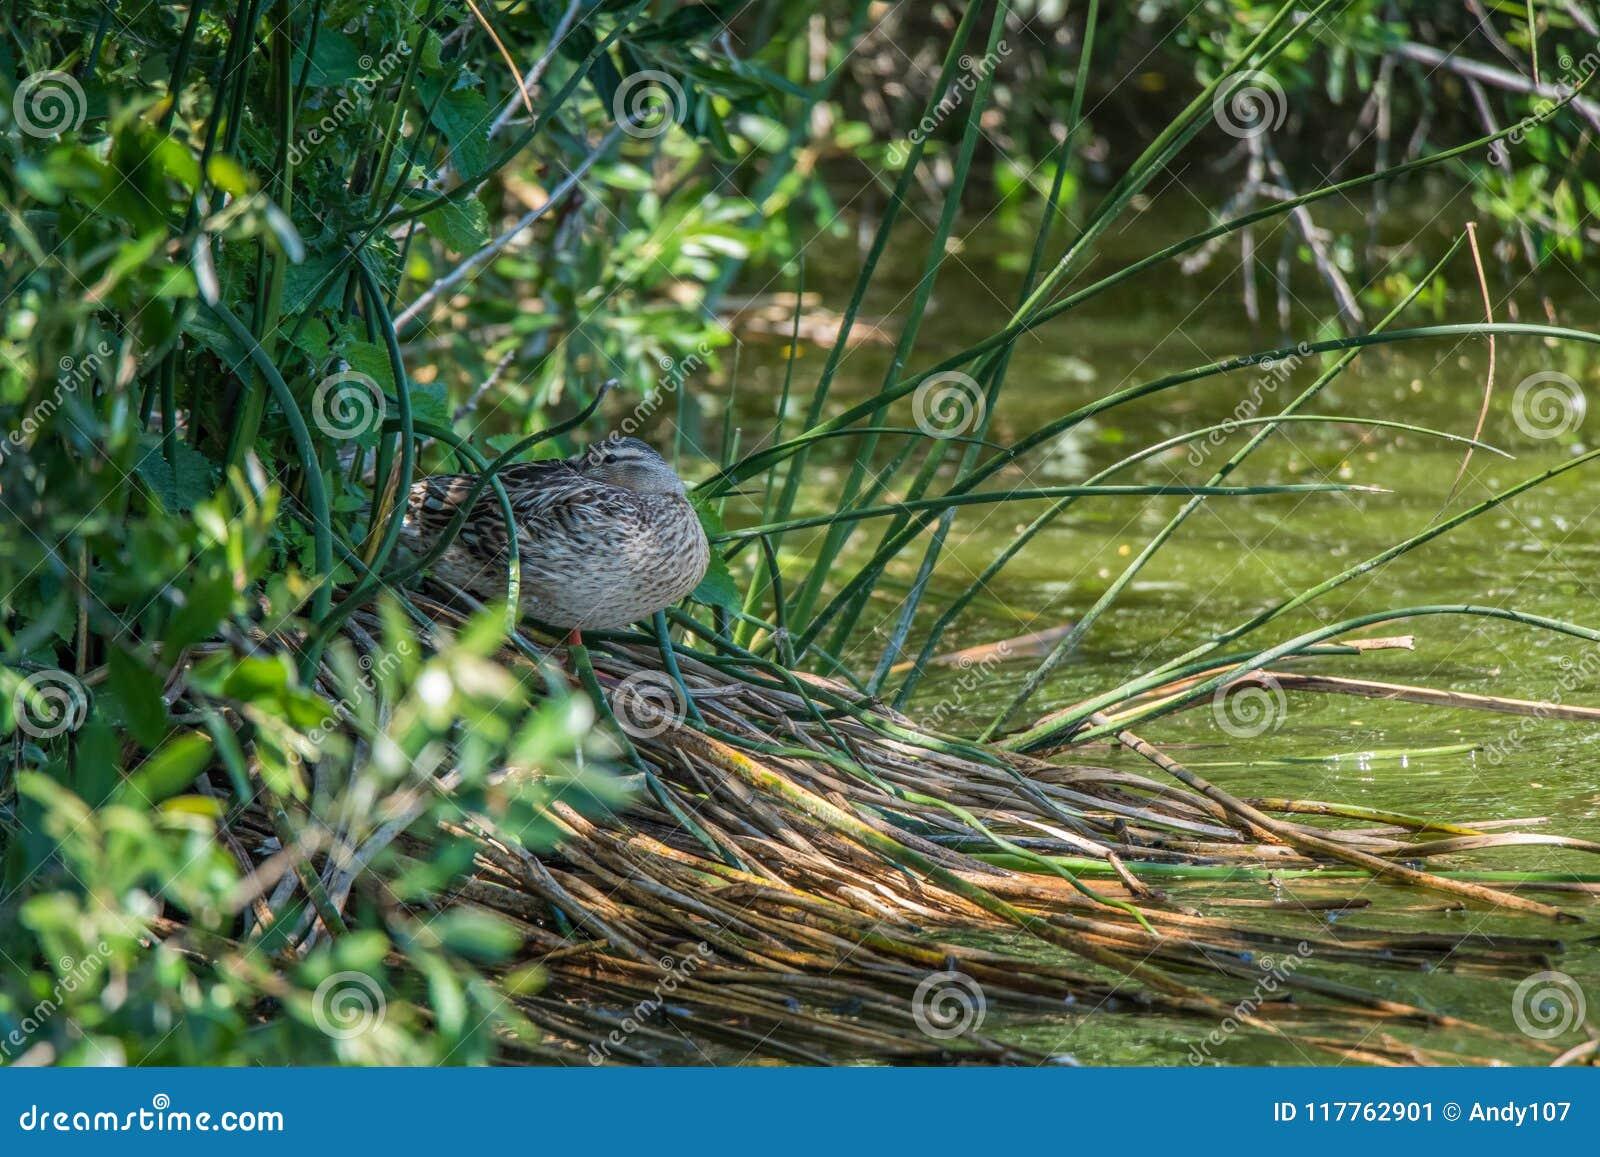 Le canard dormant sur des roseaux s approchent de l eau